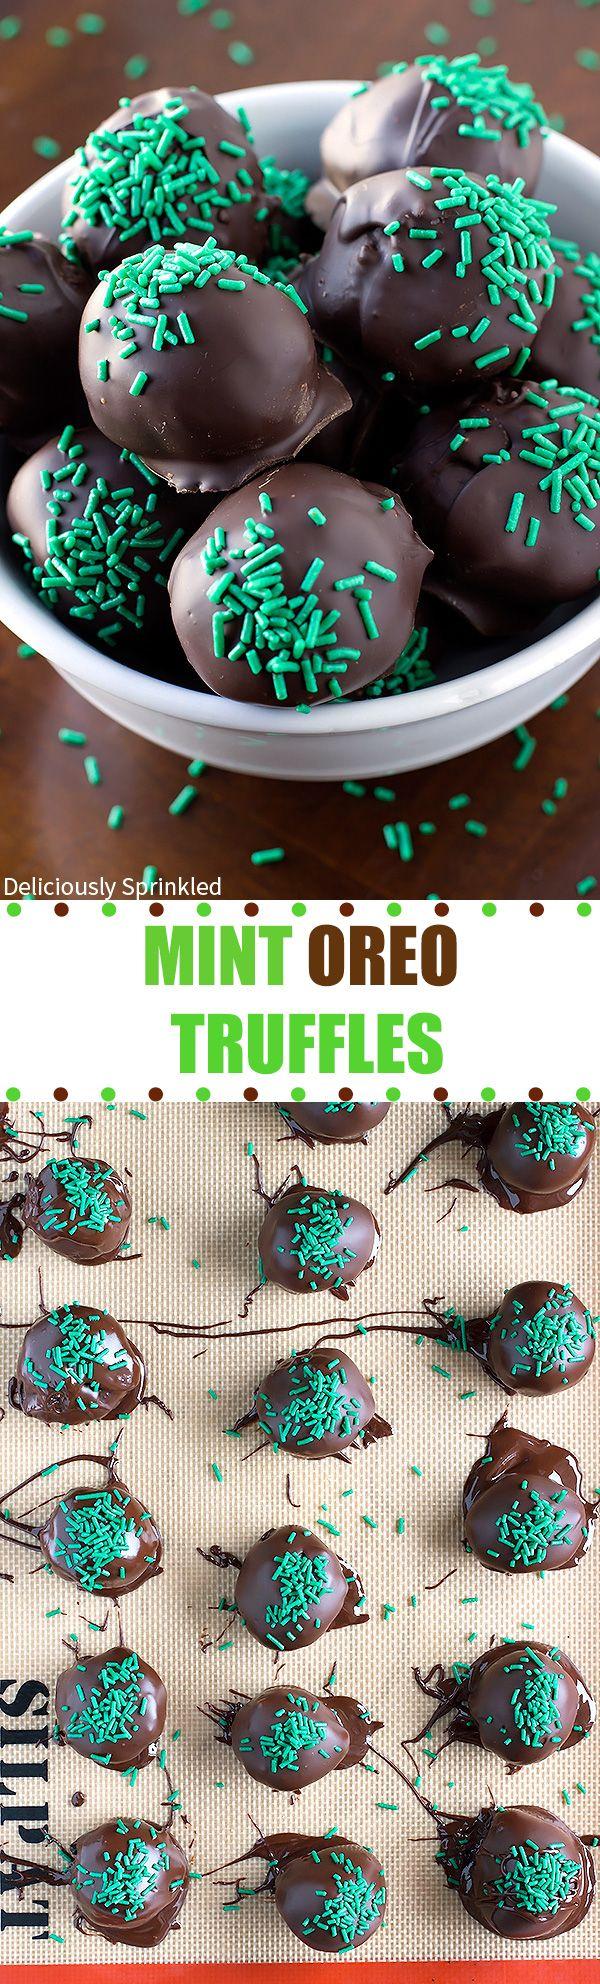 Easy Mint Oreo Truffles